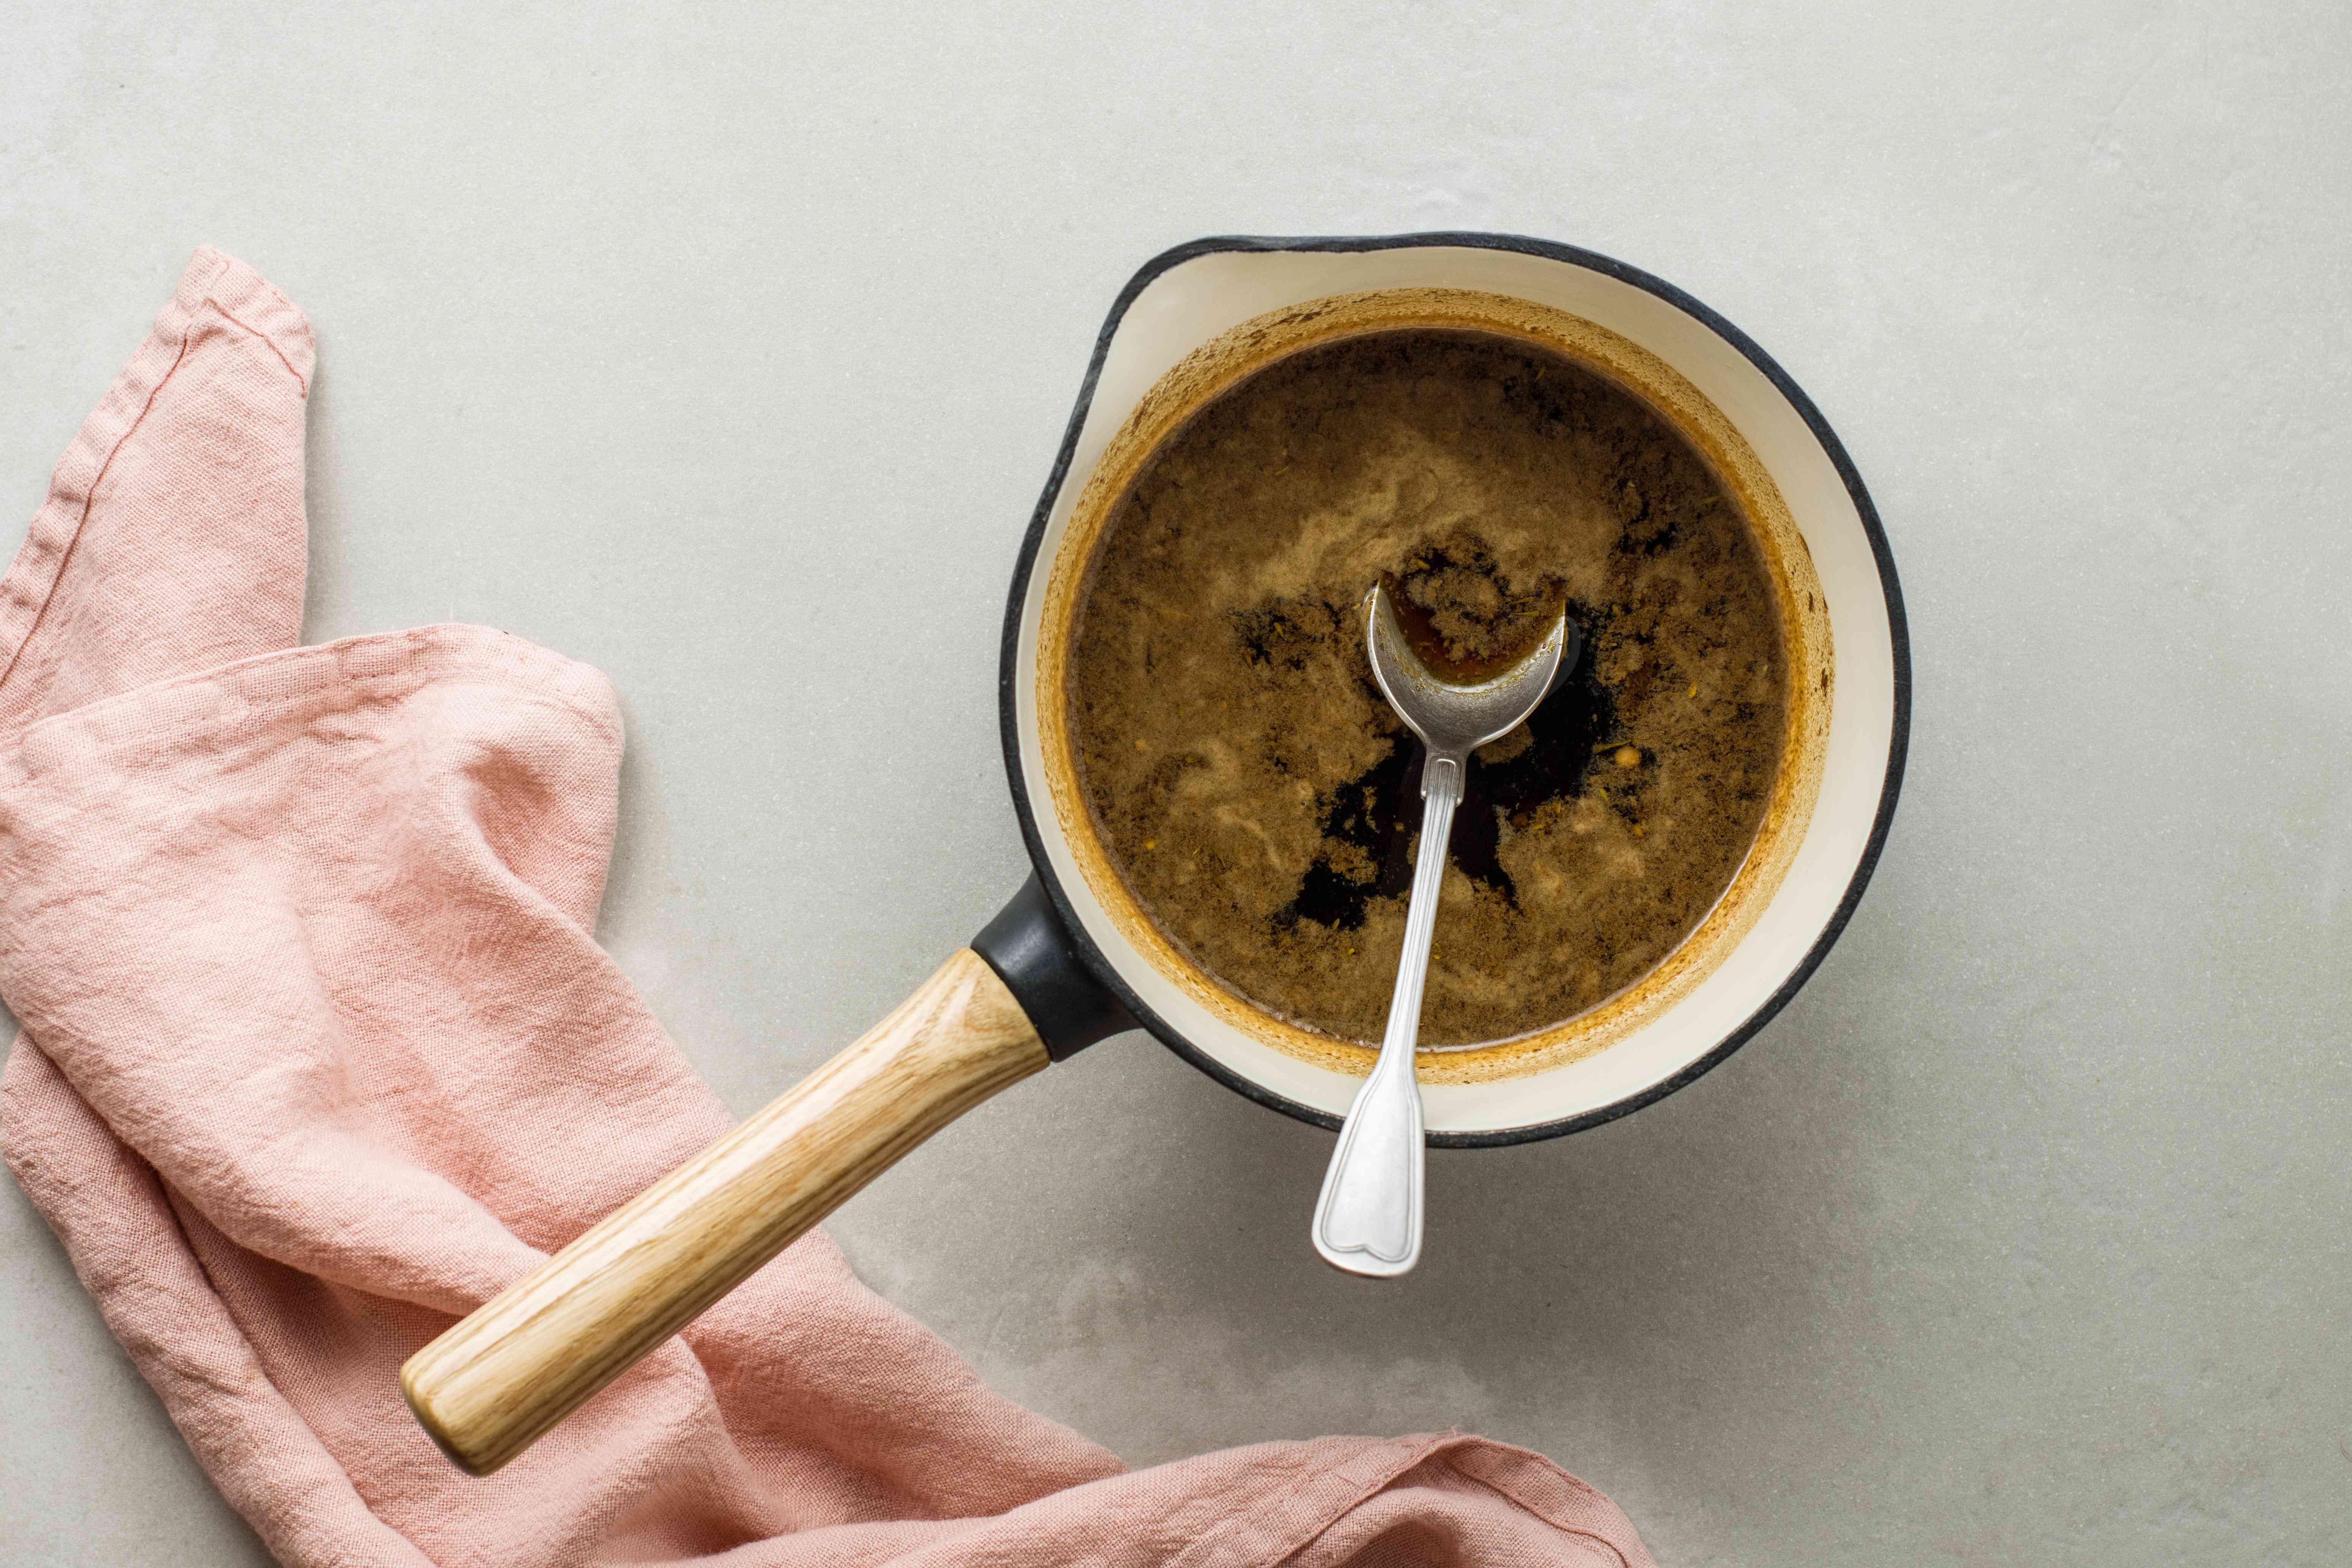 Marinade boiled in saucepan